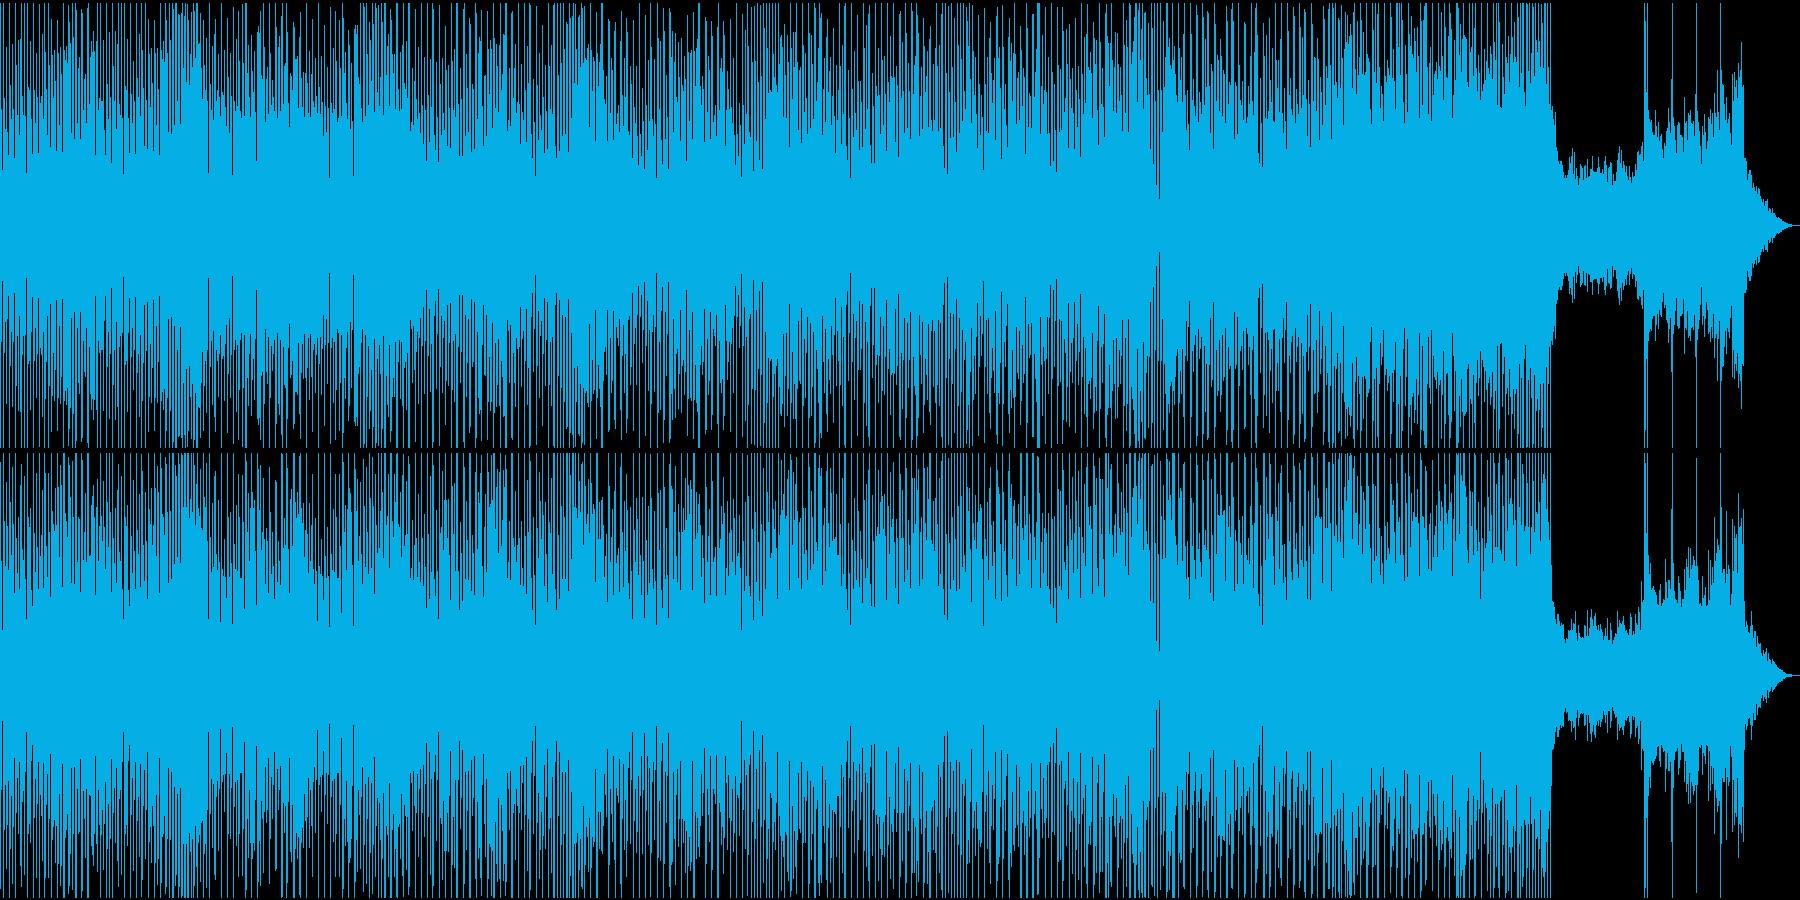 ビートに乗せて風情を感じるような曲の再生済みの波形